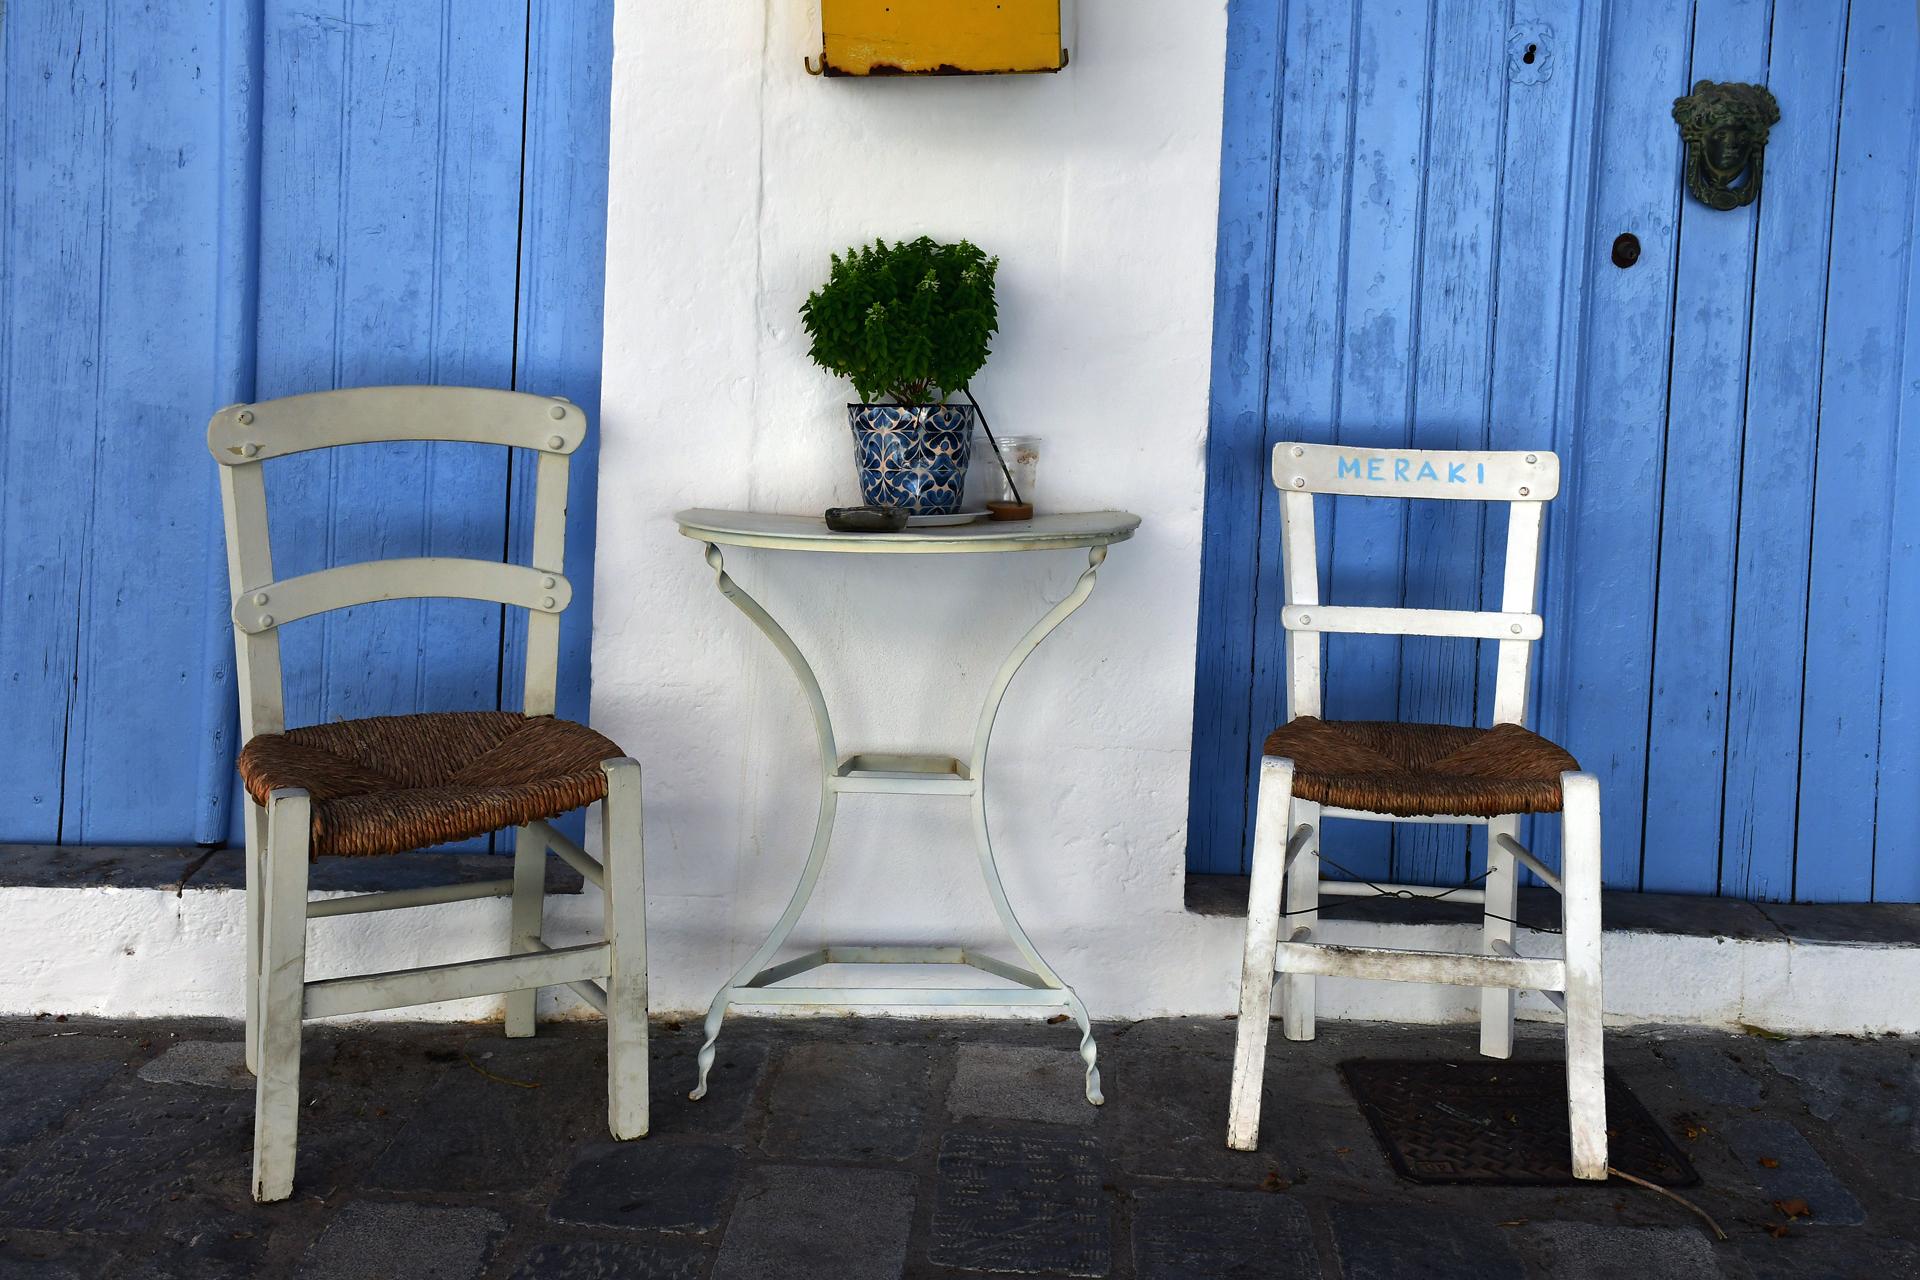 יוון על פי זורבה - כרתים - יואל שתרוג - yoel sitruk - אדמה יוצרת - כיסאות - יוון